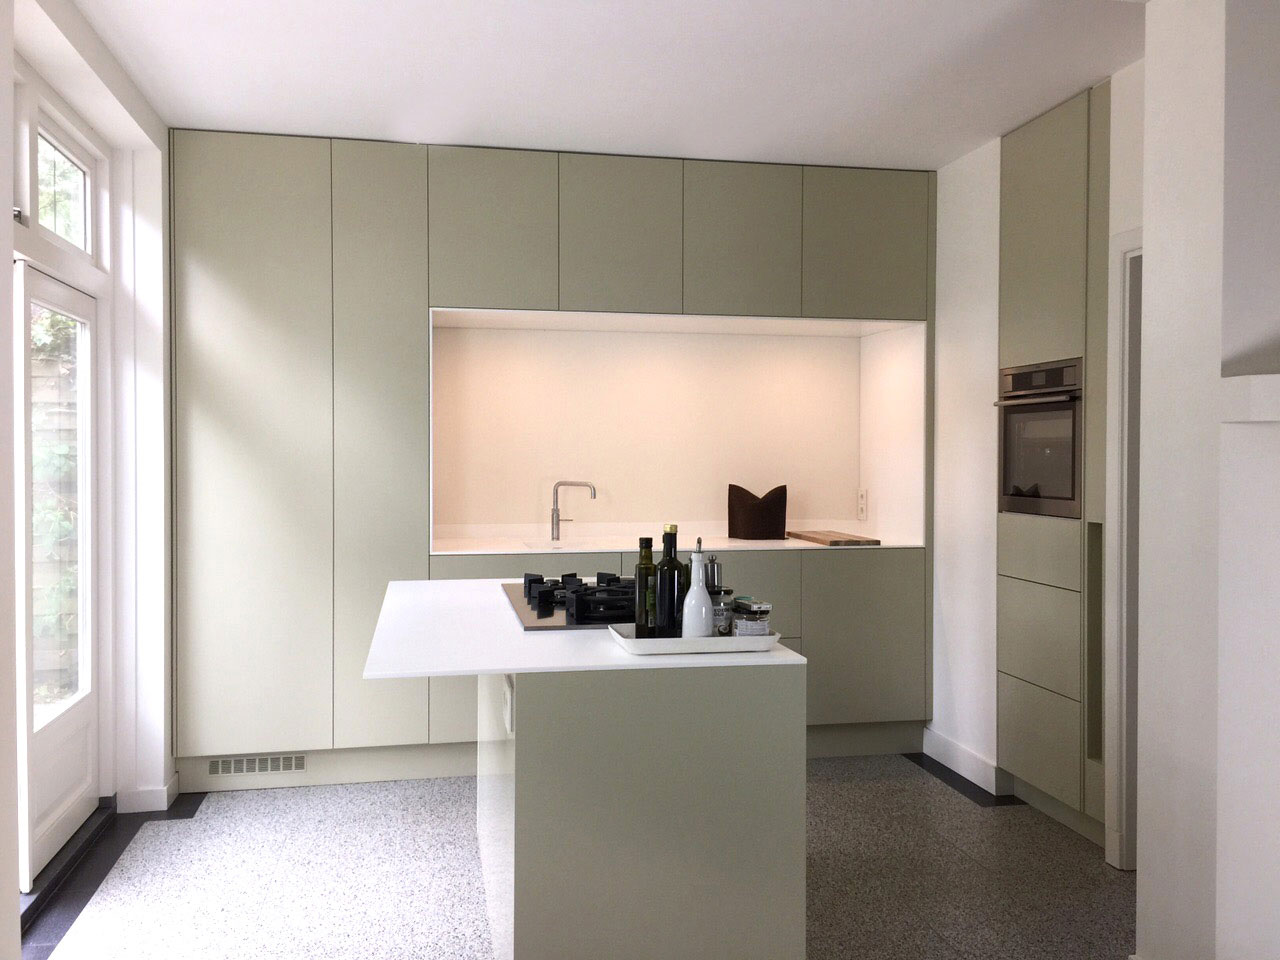 Moderne Keuken Met Schiereiland : Keukens op maat - Mijn Keukens op ...